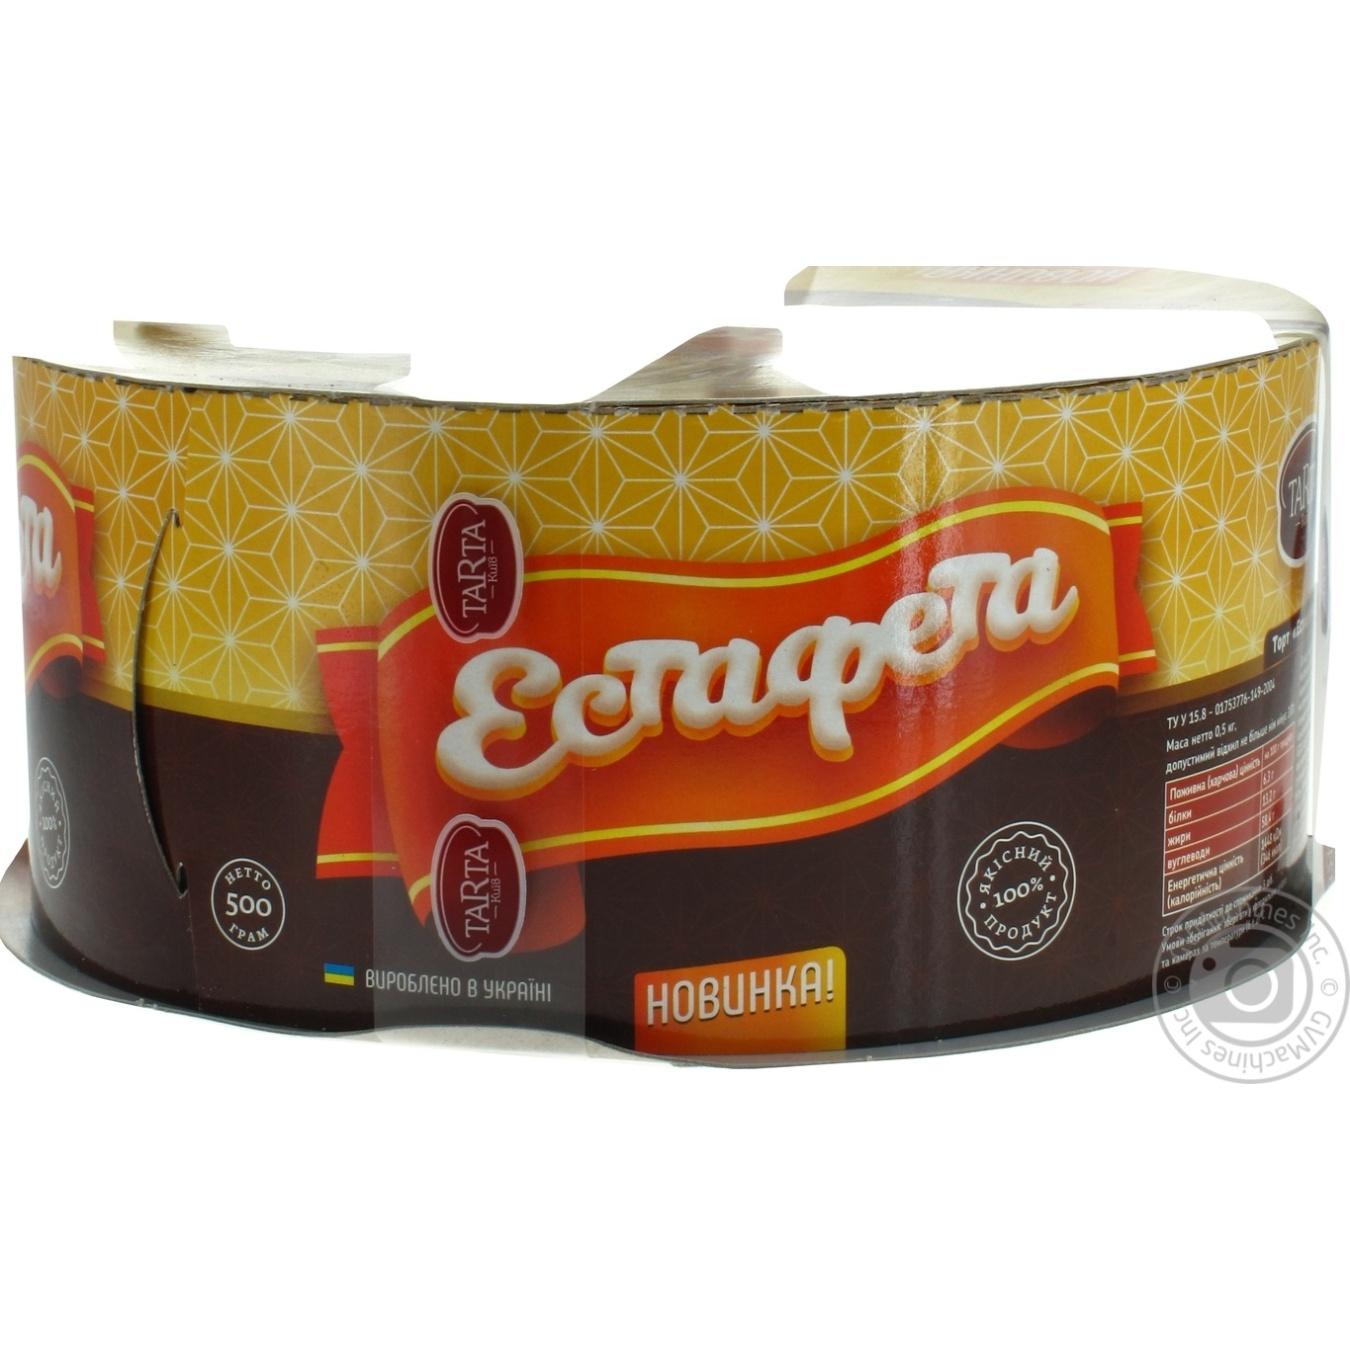 Торт Tarta Беллария Эстафета 500г → Сладости → Пирожные и торты ... 6ed2b1f1028